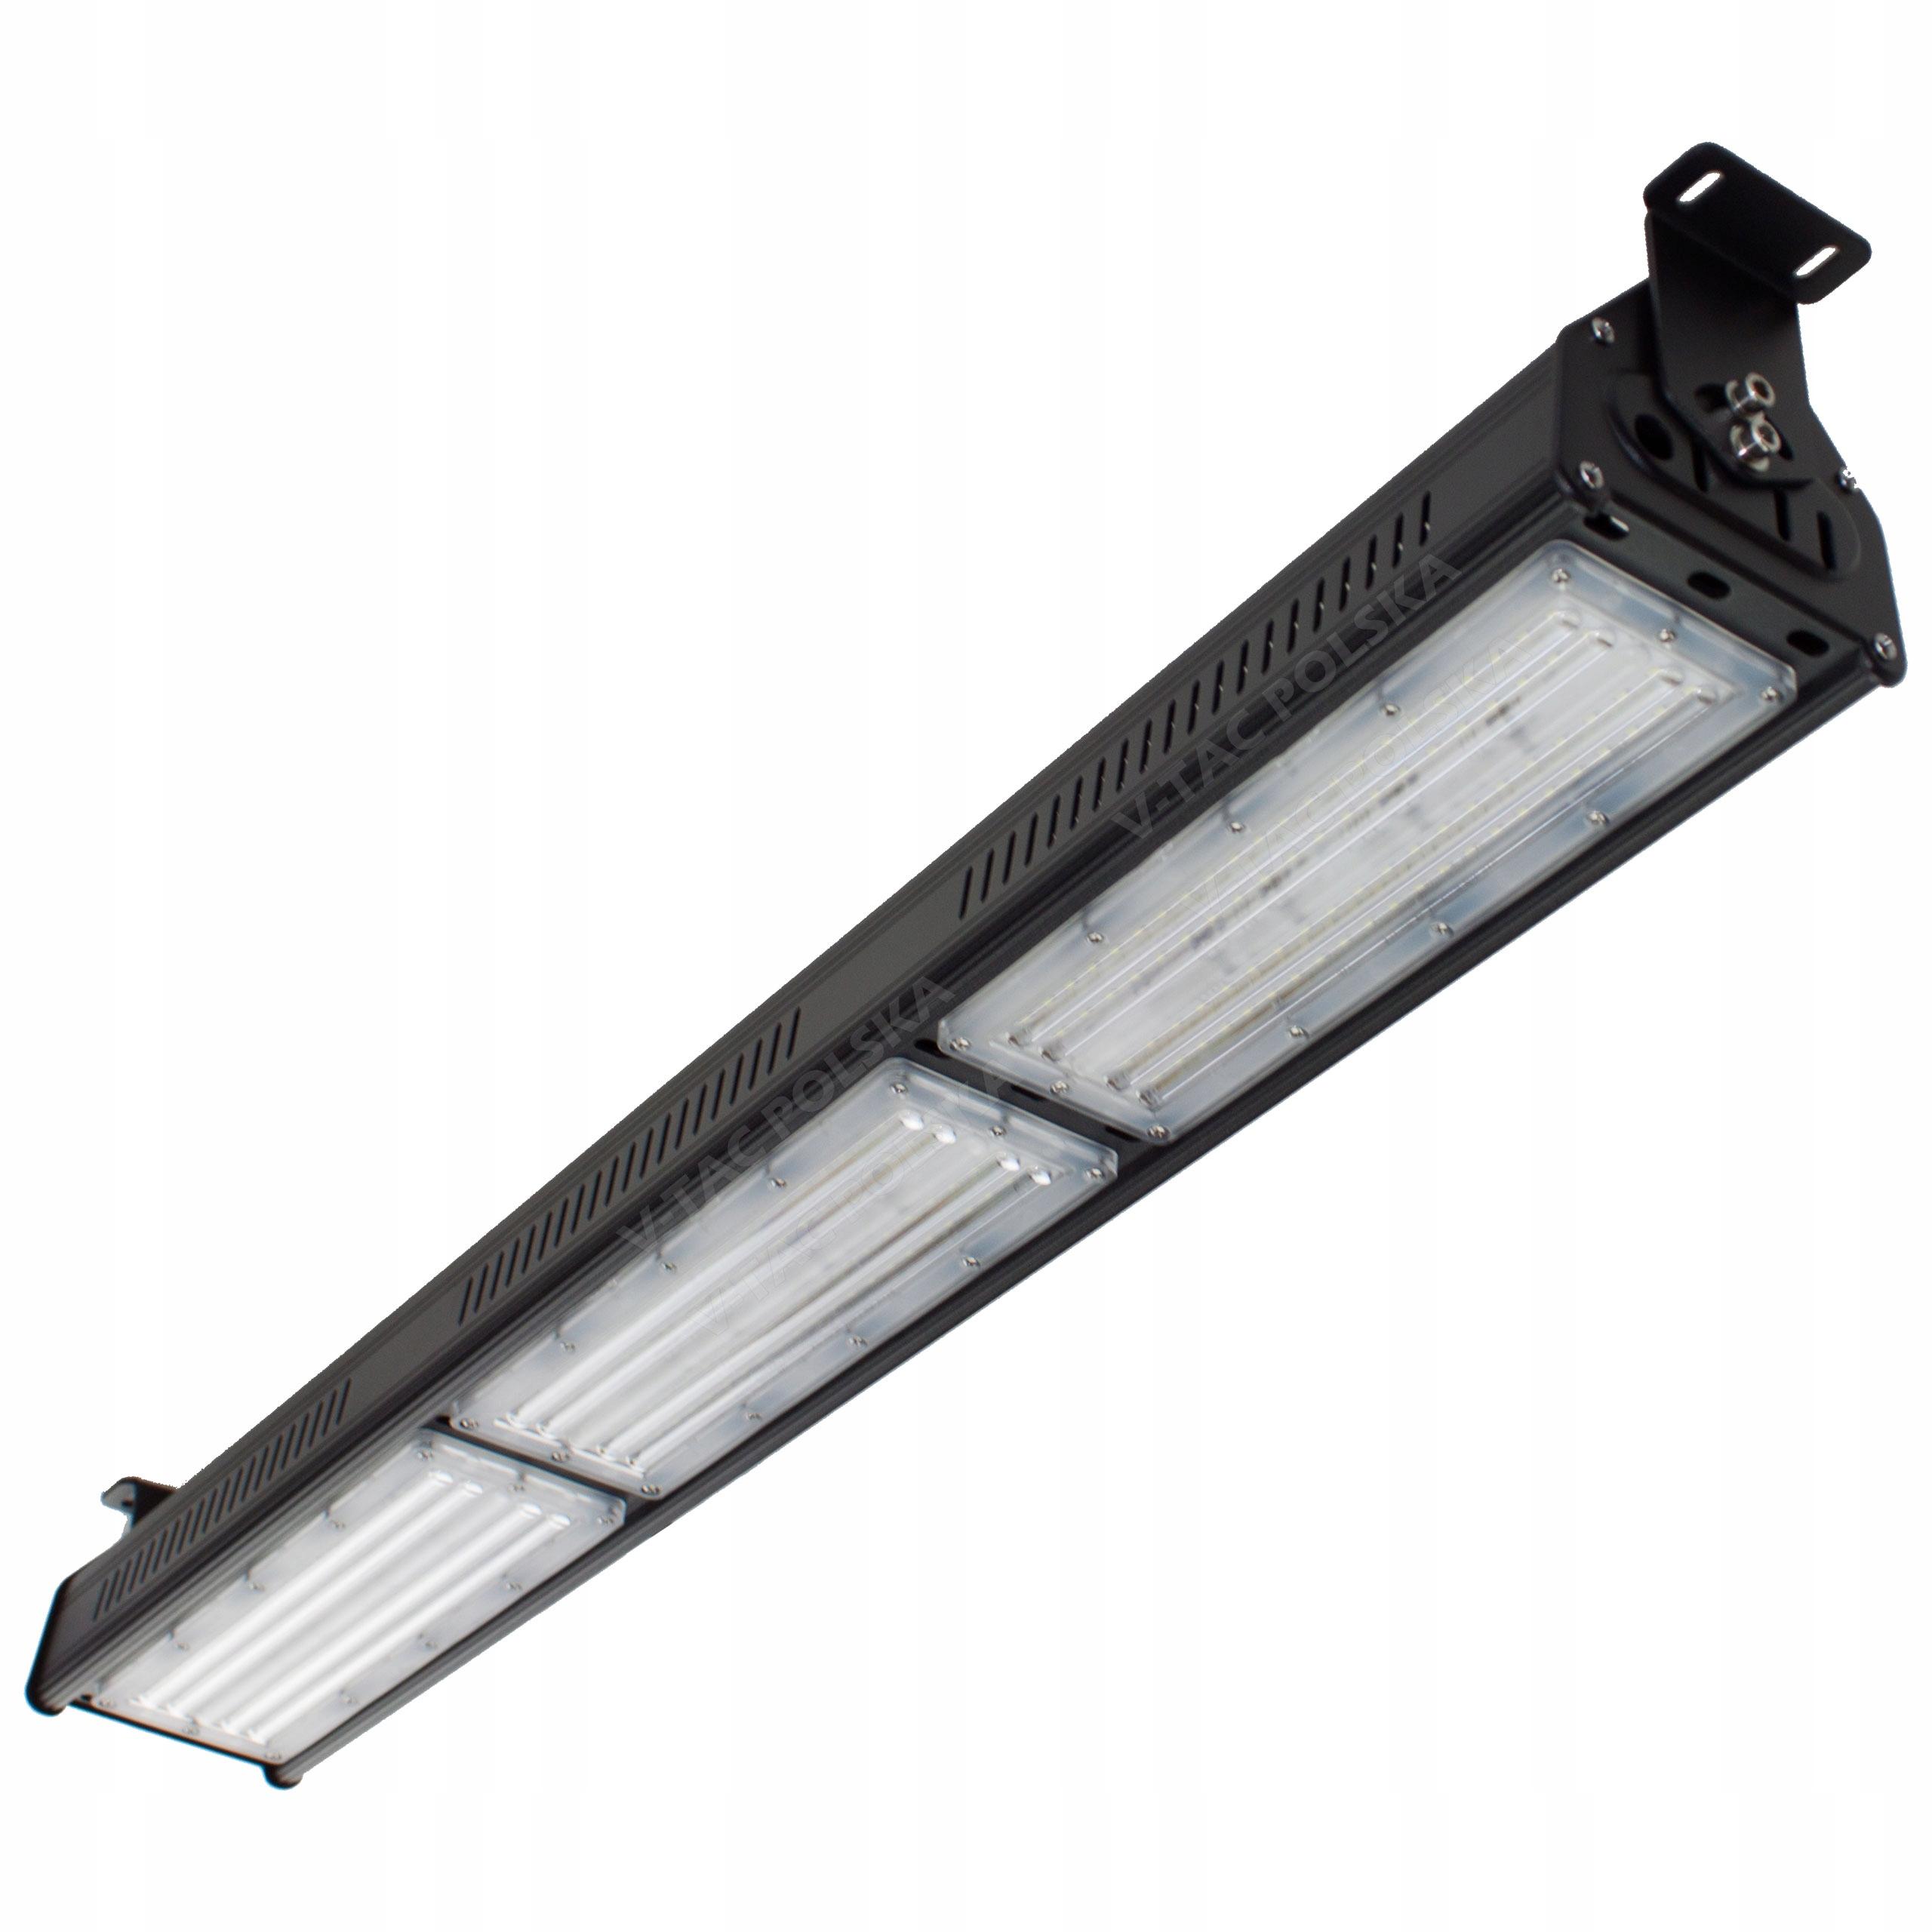 Naświetlacz oprawa High liniowa lampa 150W LED Bay 7gYf6yb